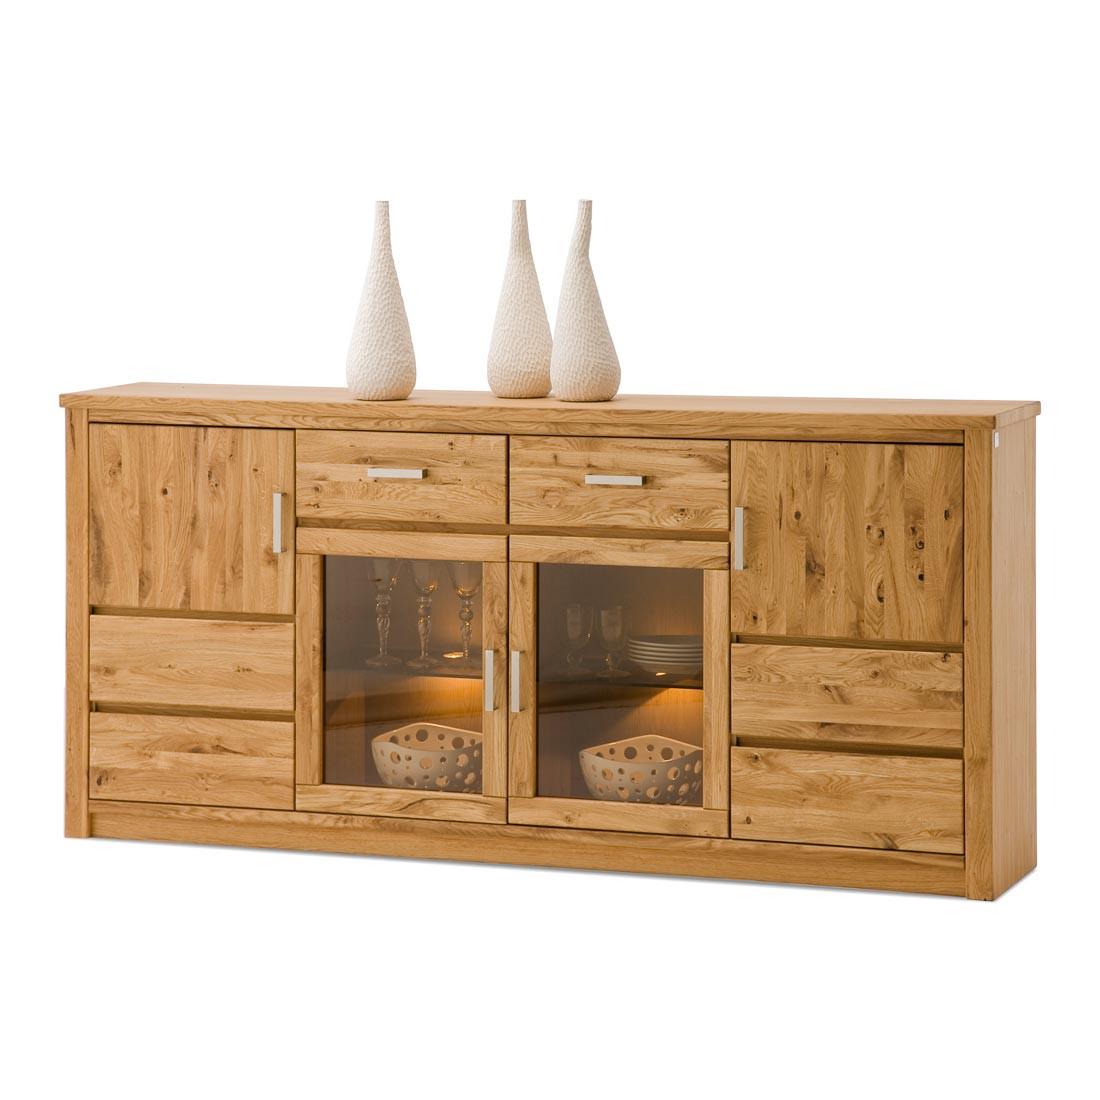 regalschrank ohne t ren interessante ideen f r die gestaltung eines raumes in. Black Bedroom Furniture Sets. Home Design Ideas